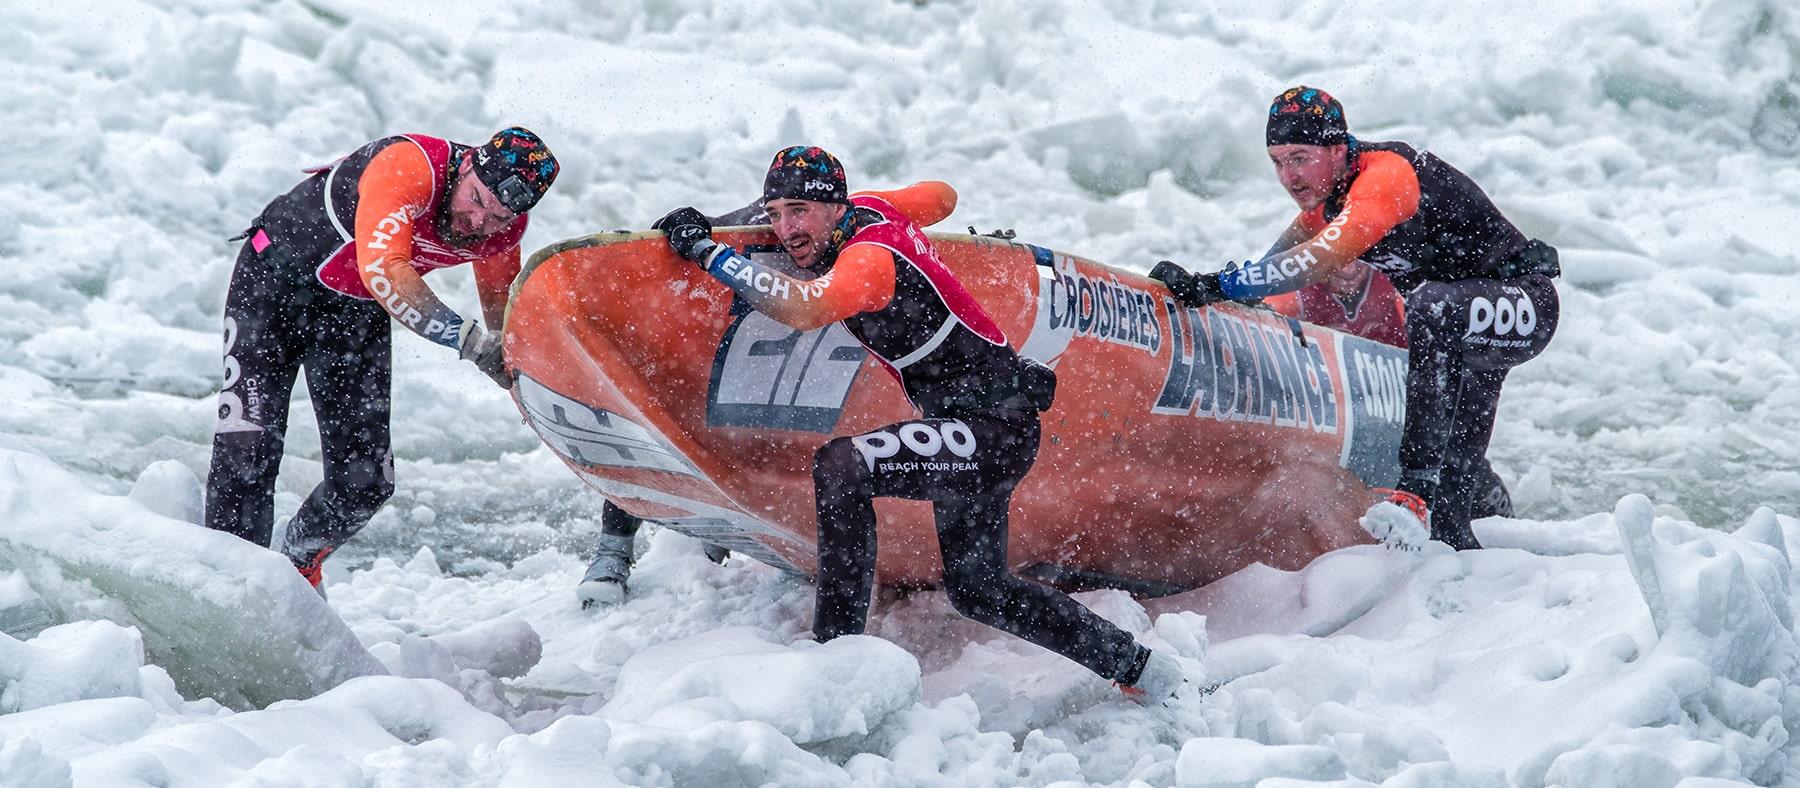 carnaval-de-quebec-course-de-canot-sur-glace-quebec-le-mag